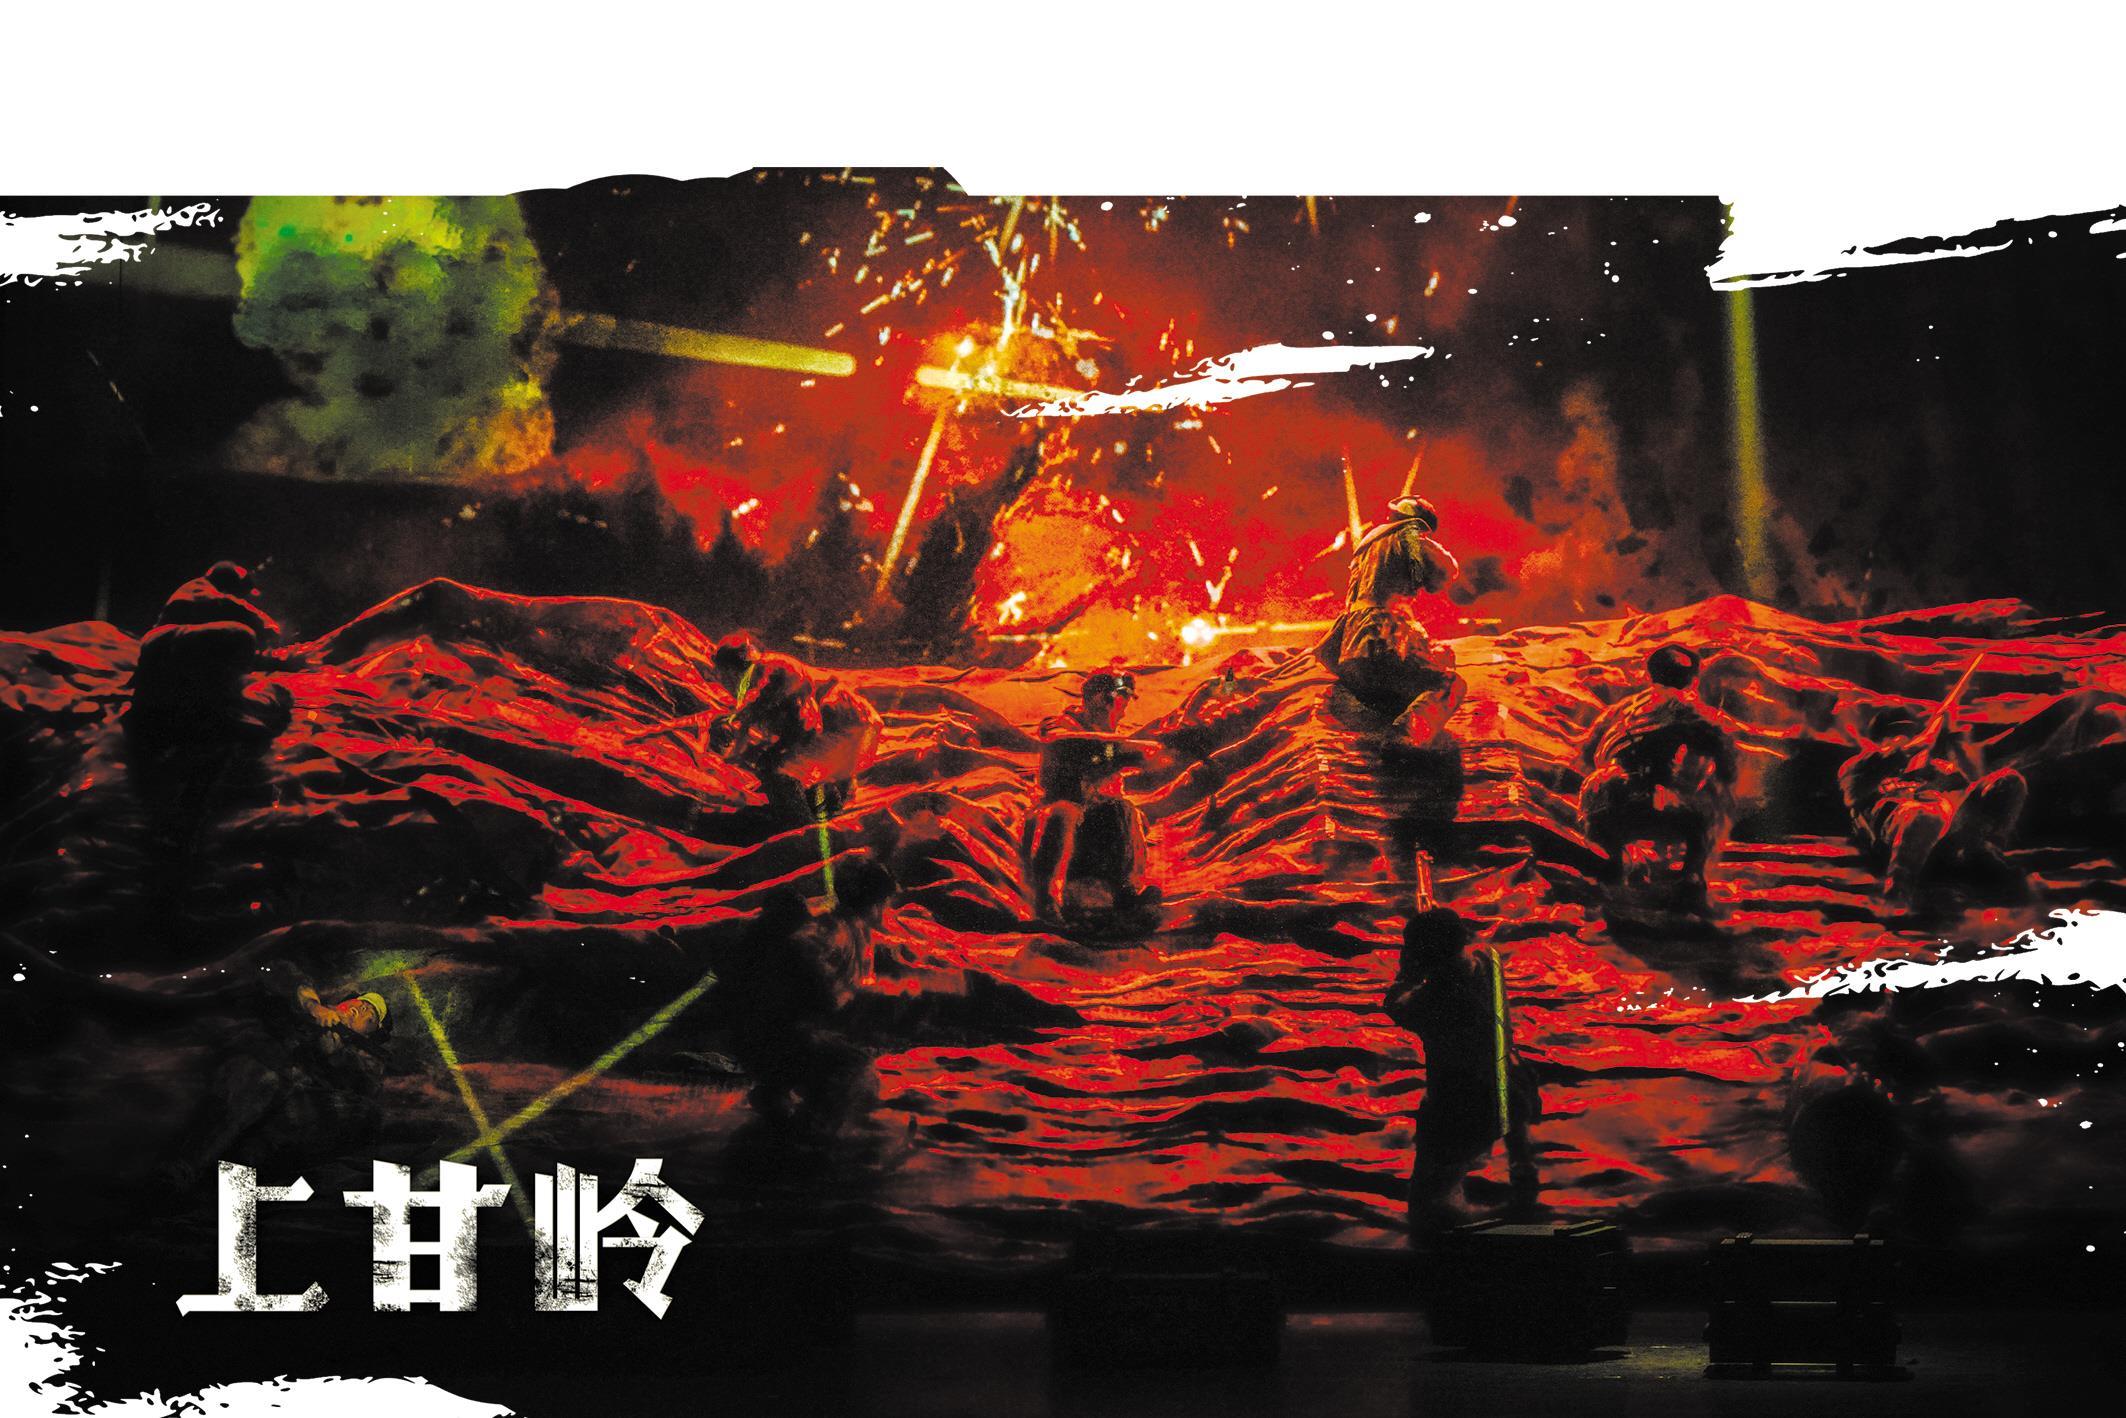 首届潜江戏剧展演季拉开大幕  爆破仿佛就在身边响起 话剧舞台上演战争大片《上甘岭》